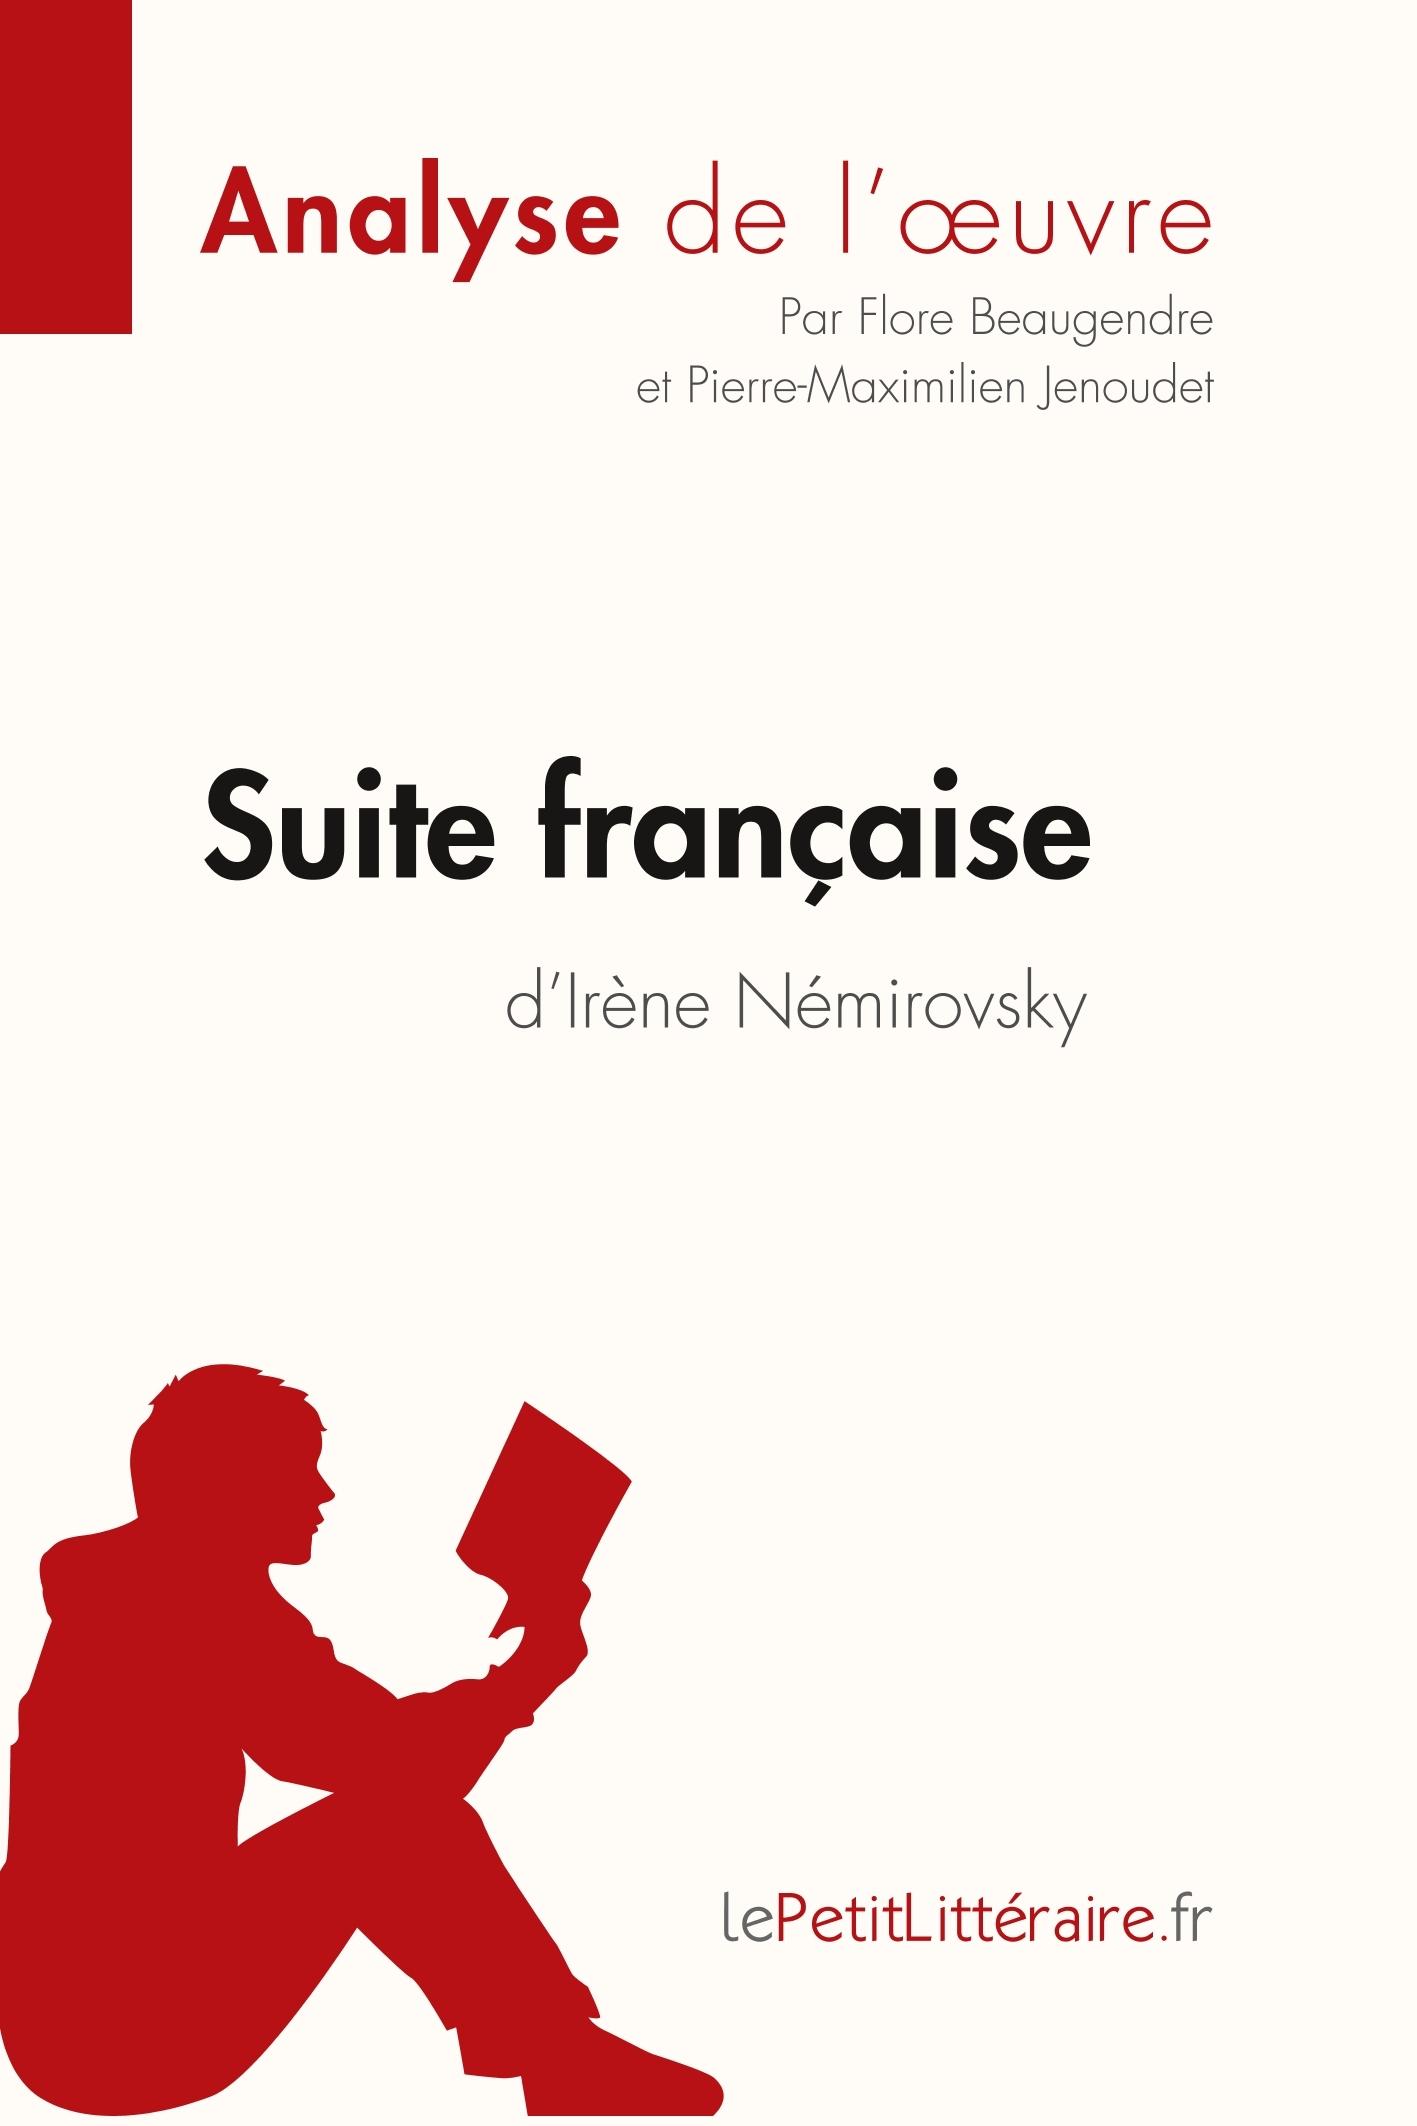 ANALYSE SUITE FRANCAISE D IRENE NEMIROVSKY ANALYSE COMPLETE DE L UVRE ET RESUME